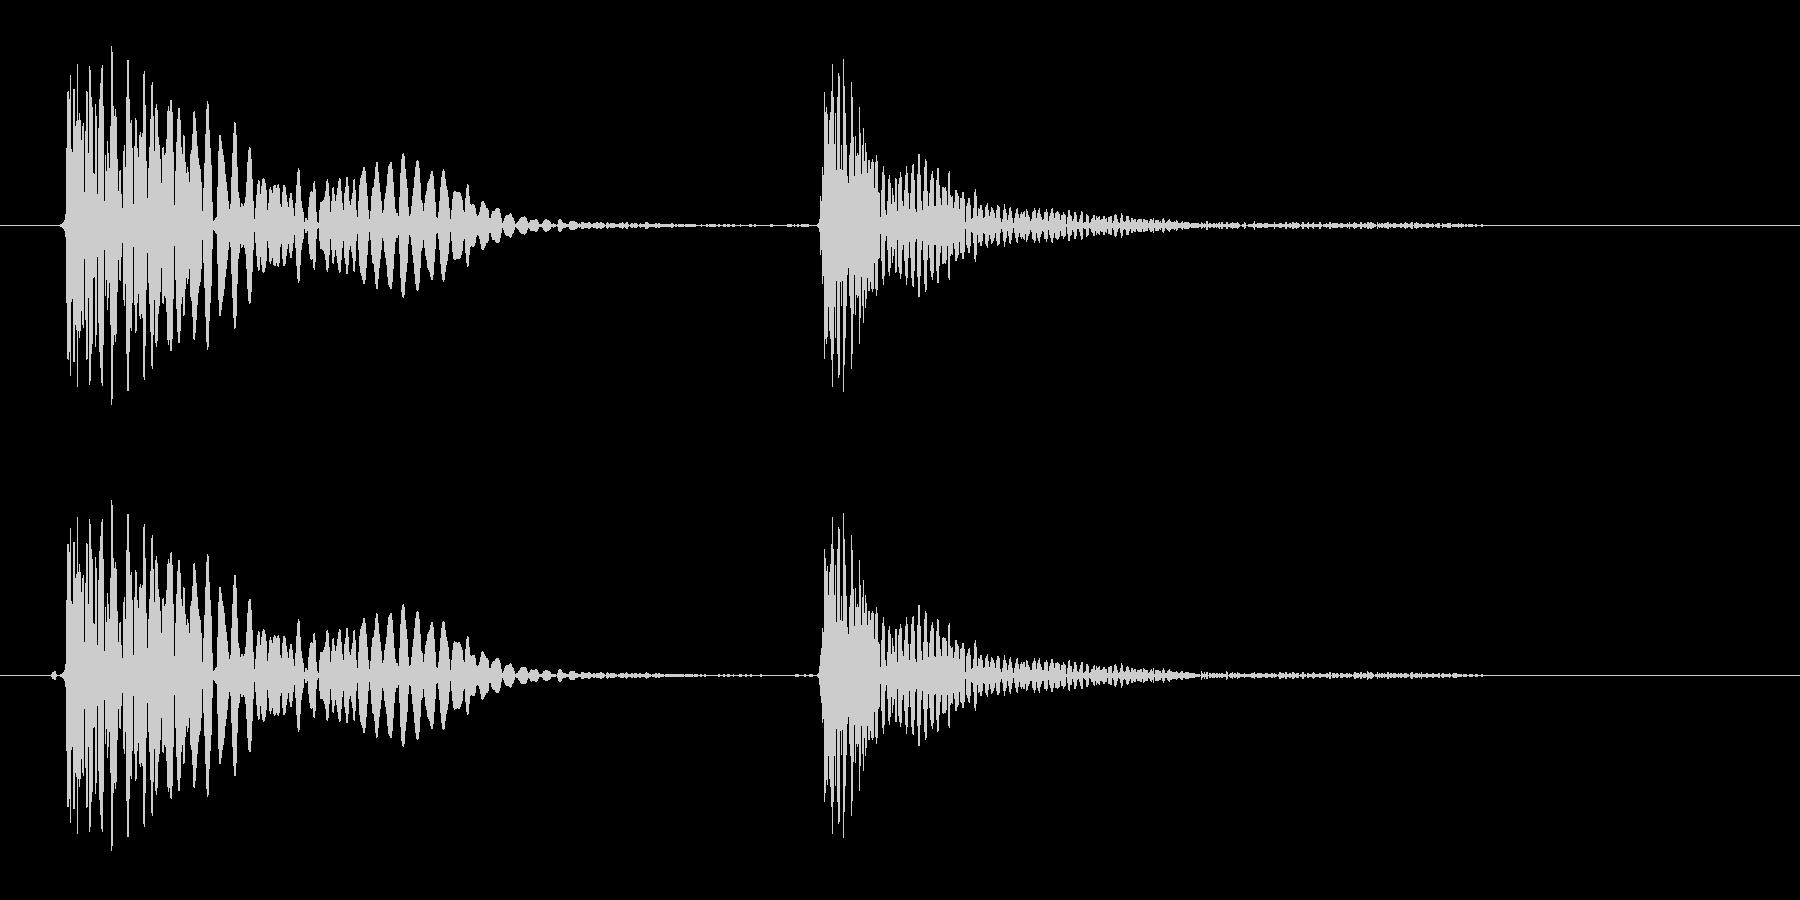 トテ(こける、転倒をイメージする音)の未再生の波形